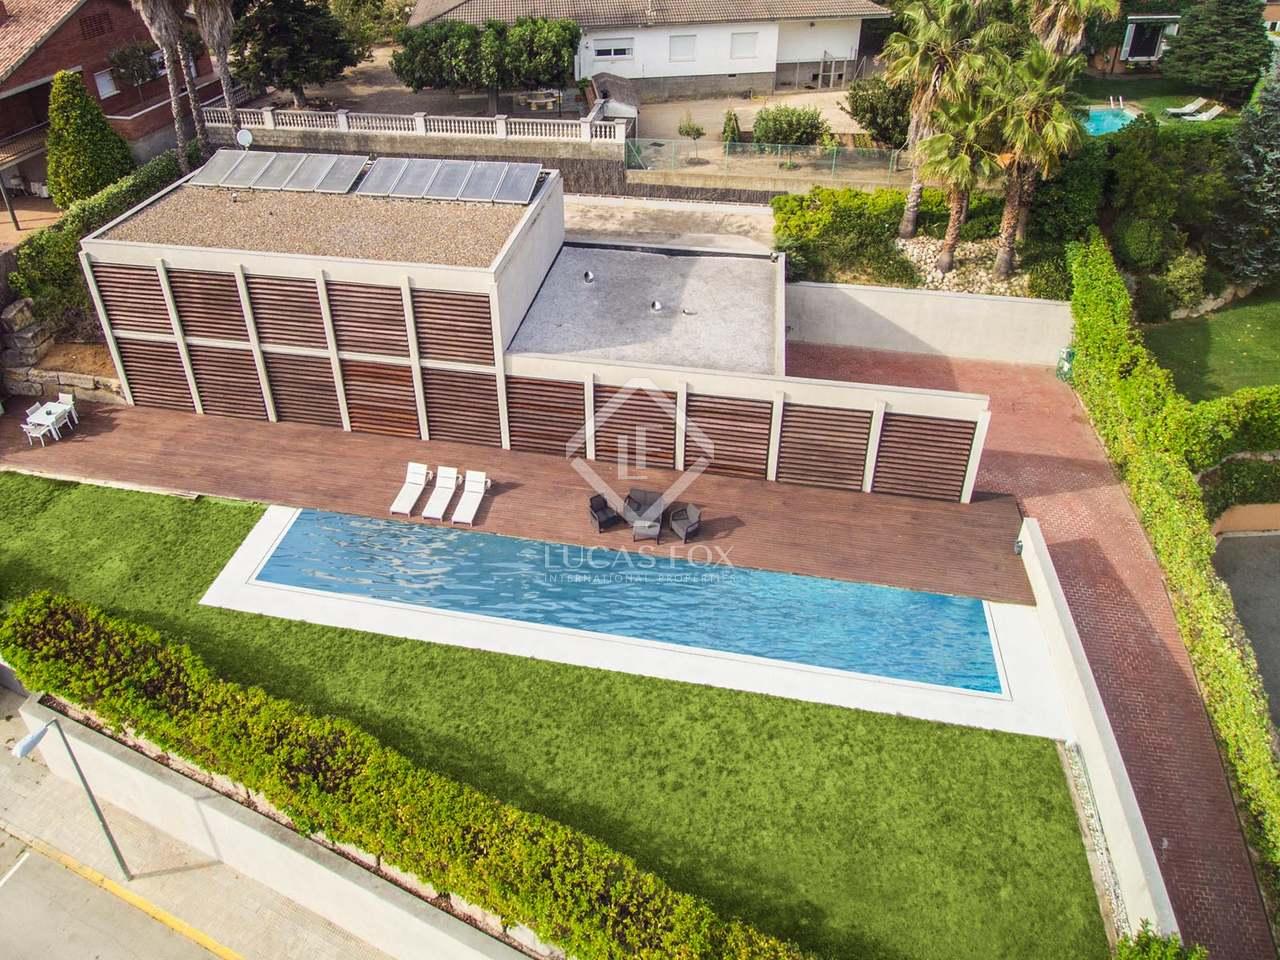 Casa con 3 dormitorios y piscina en venta en vallromanes Villa jardin donde queda